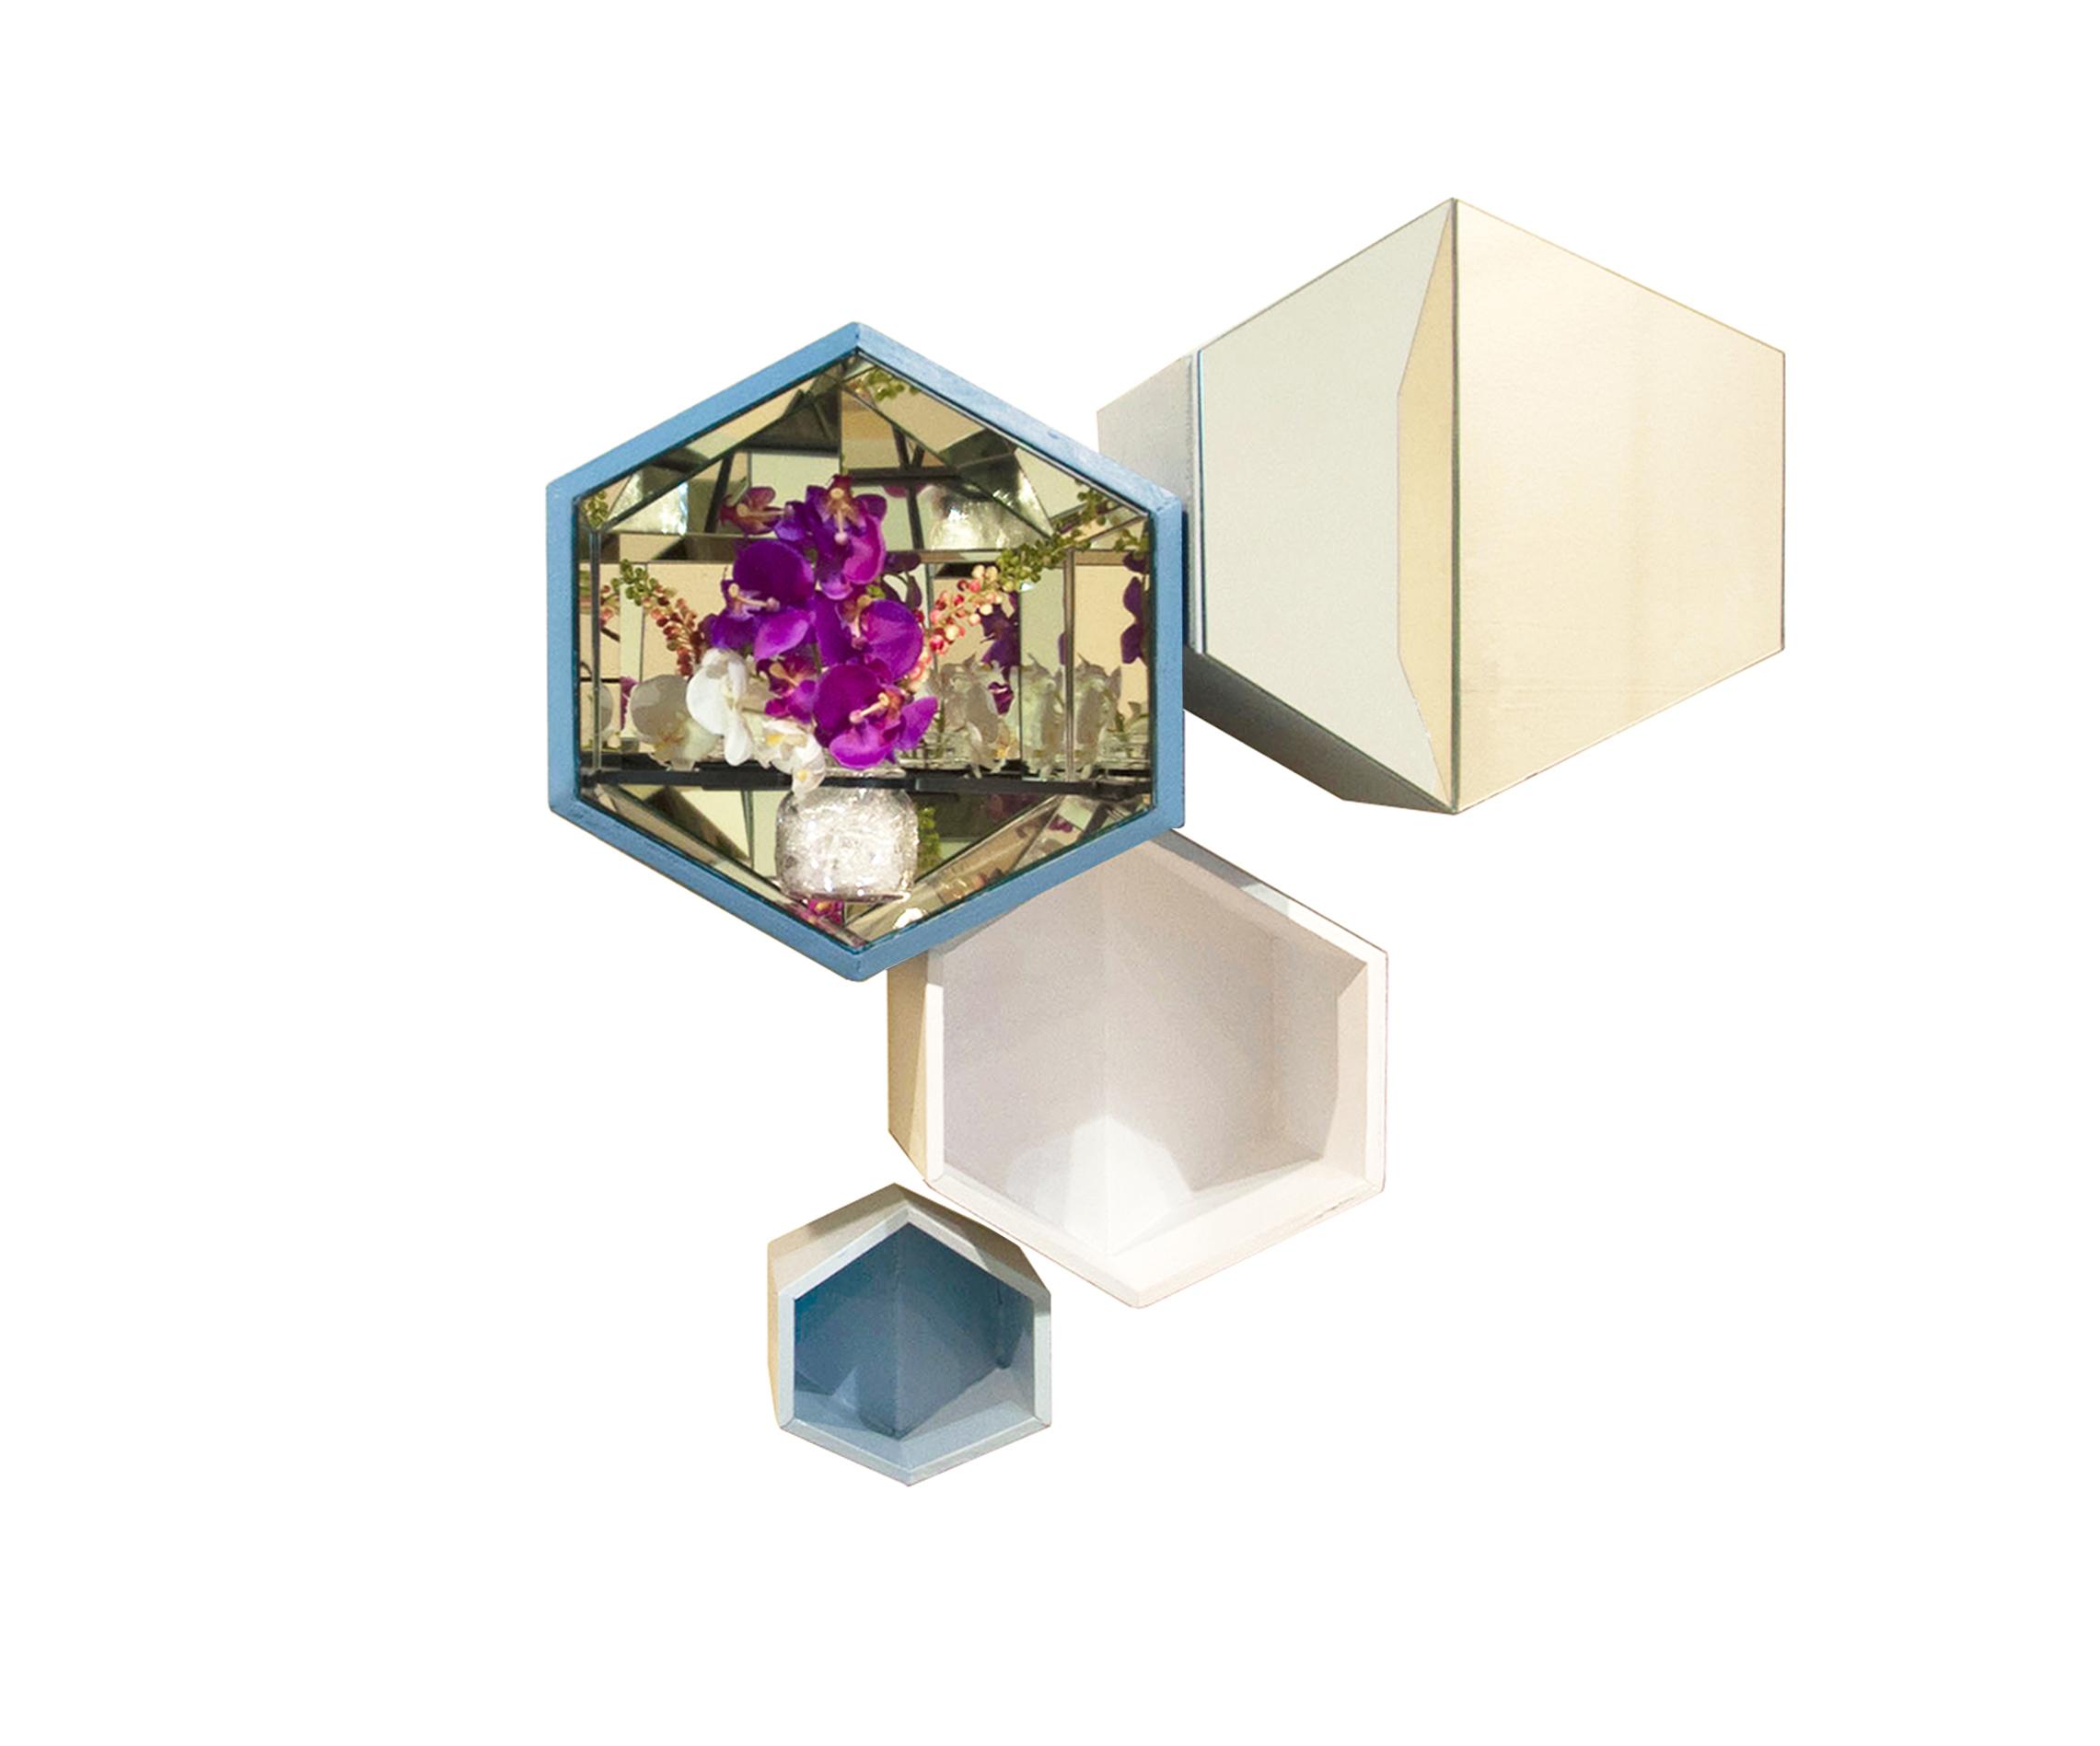 pensili-design-per-soggiorno